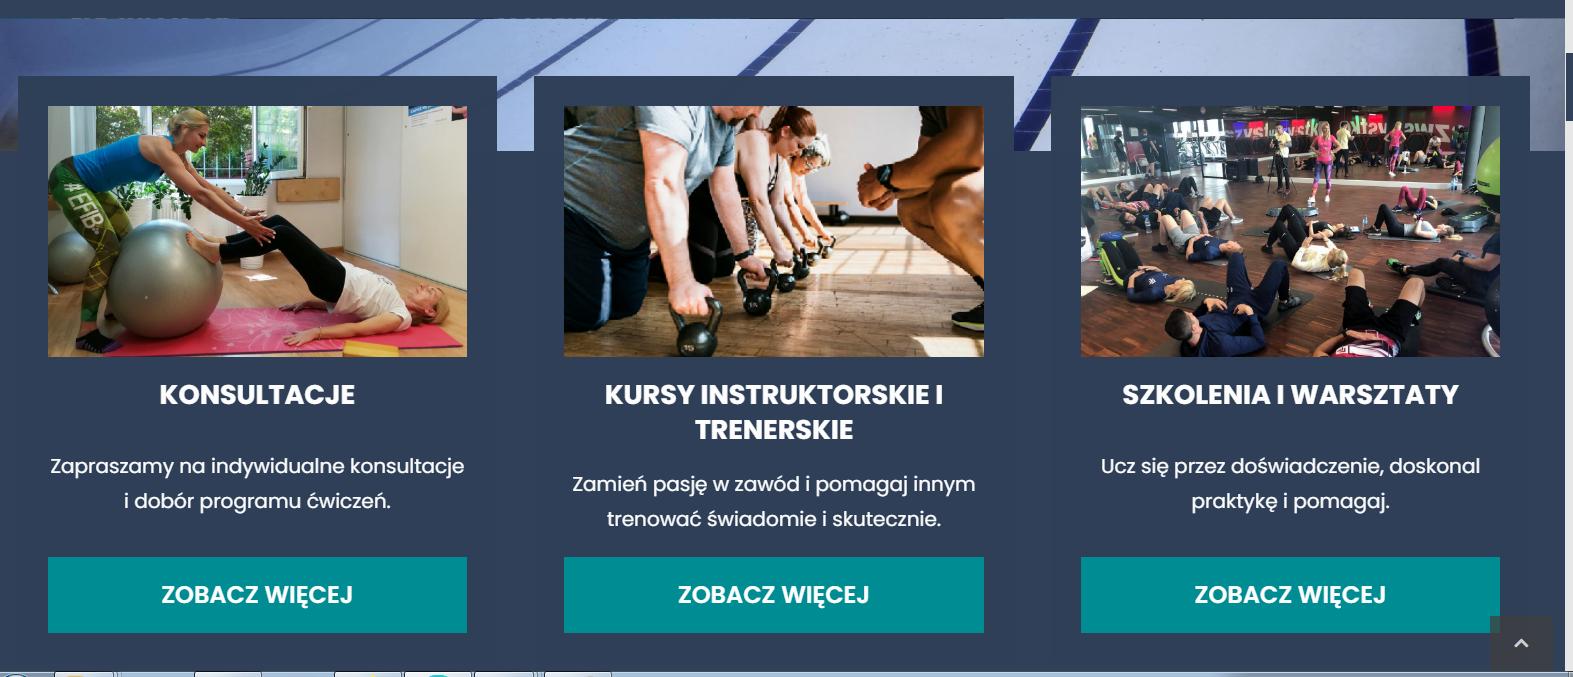 KURSANT-EFIB-NOWY-ZAWOD